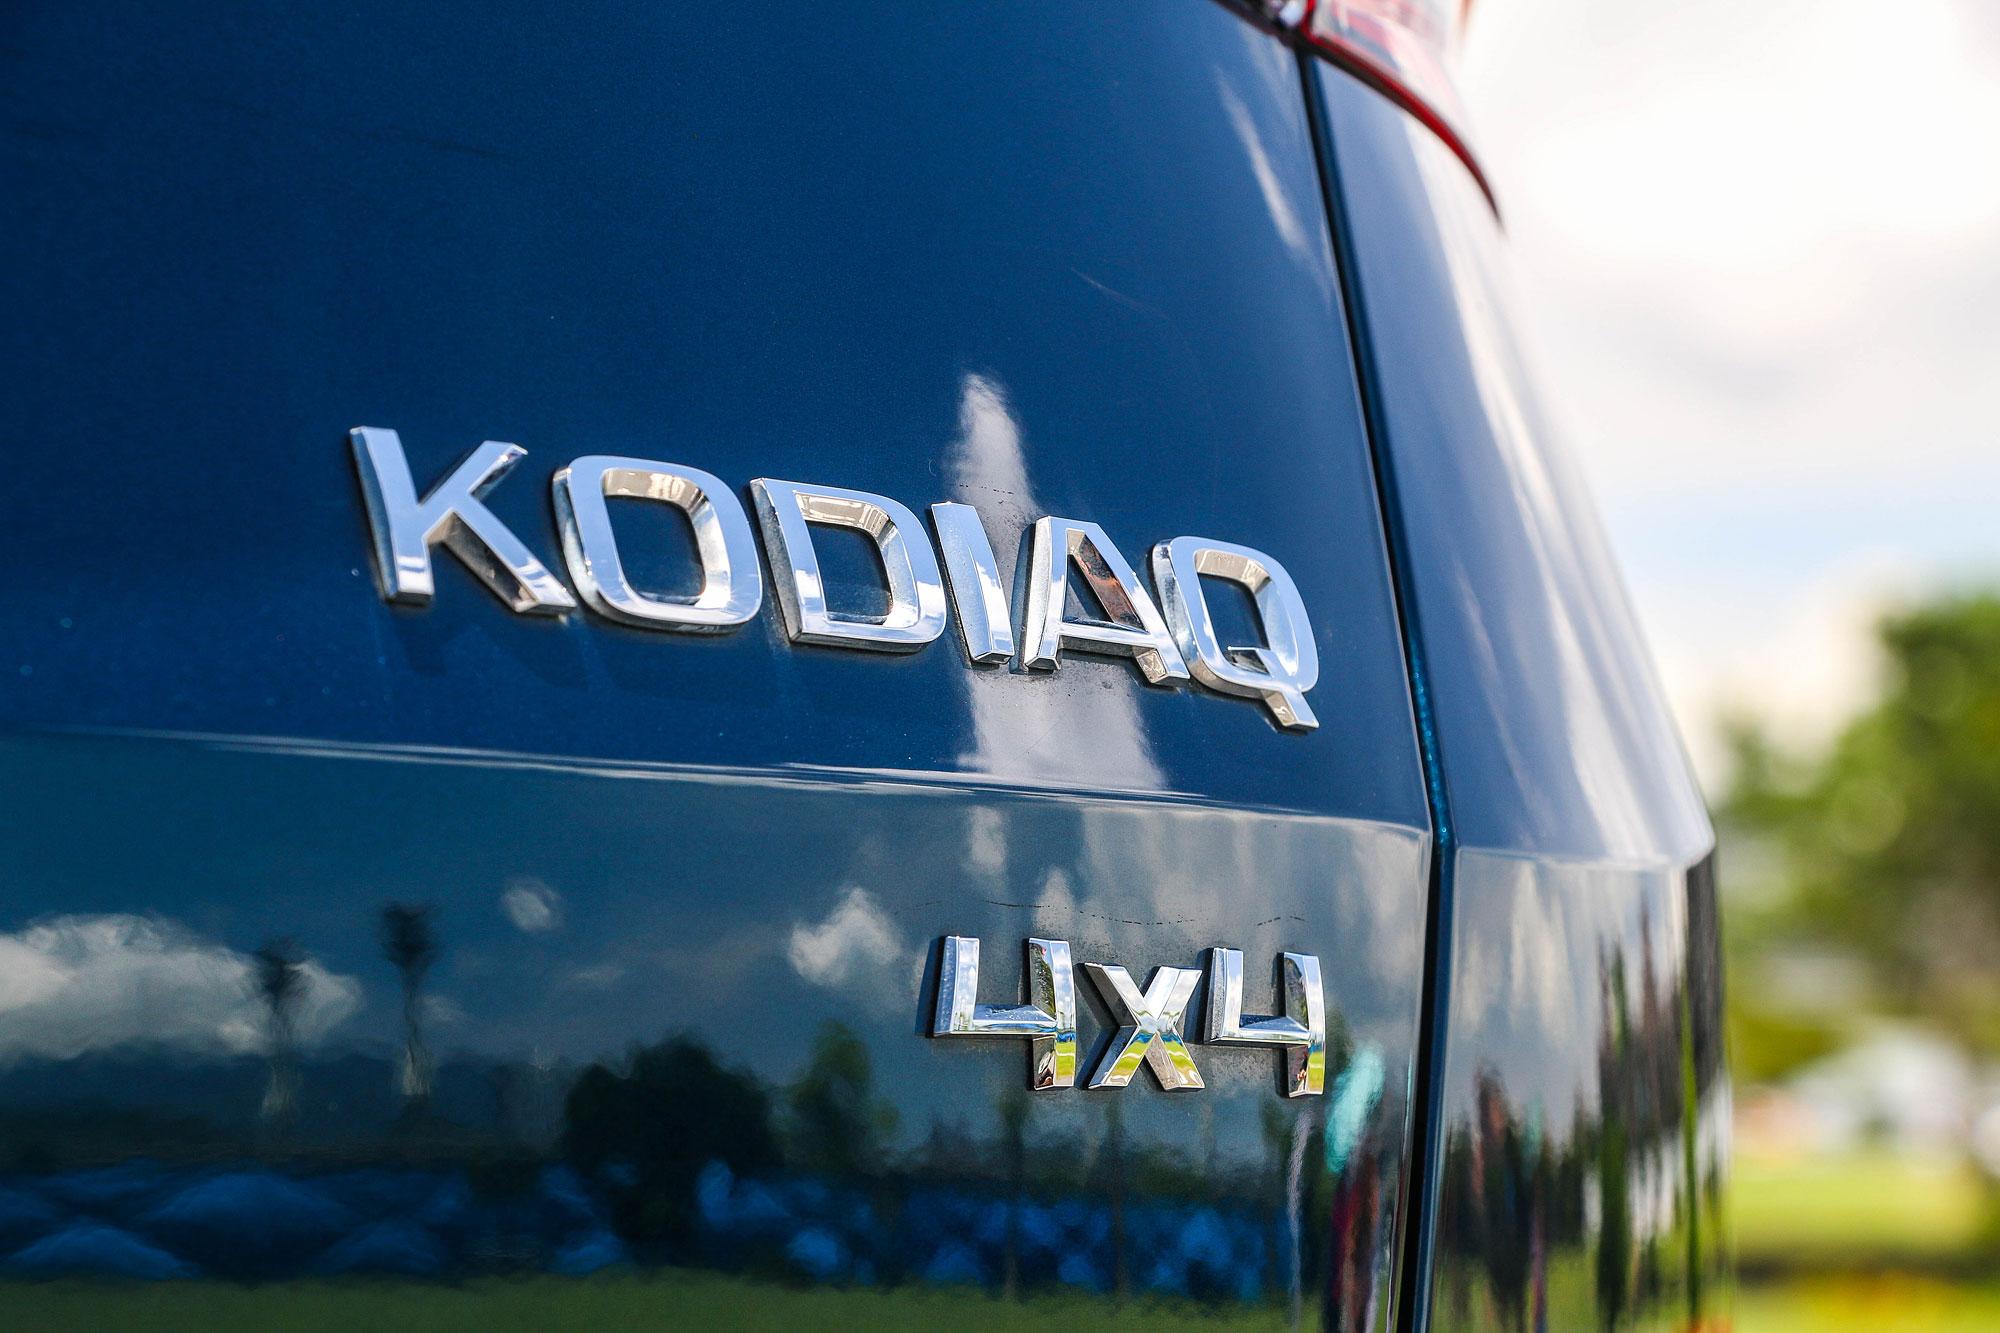 趁著又一次可以試駕 Kodiaq 的機會,特別安排一段週末小旅遊,讓自己有更多時間與 SUV 車款相處。